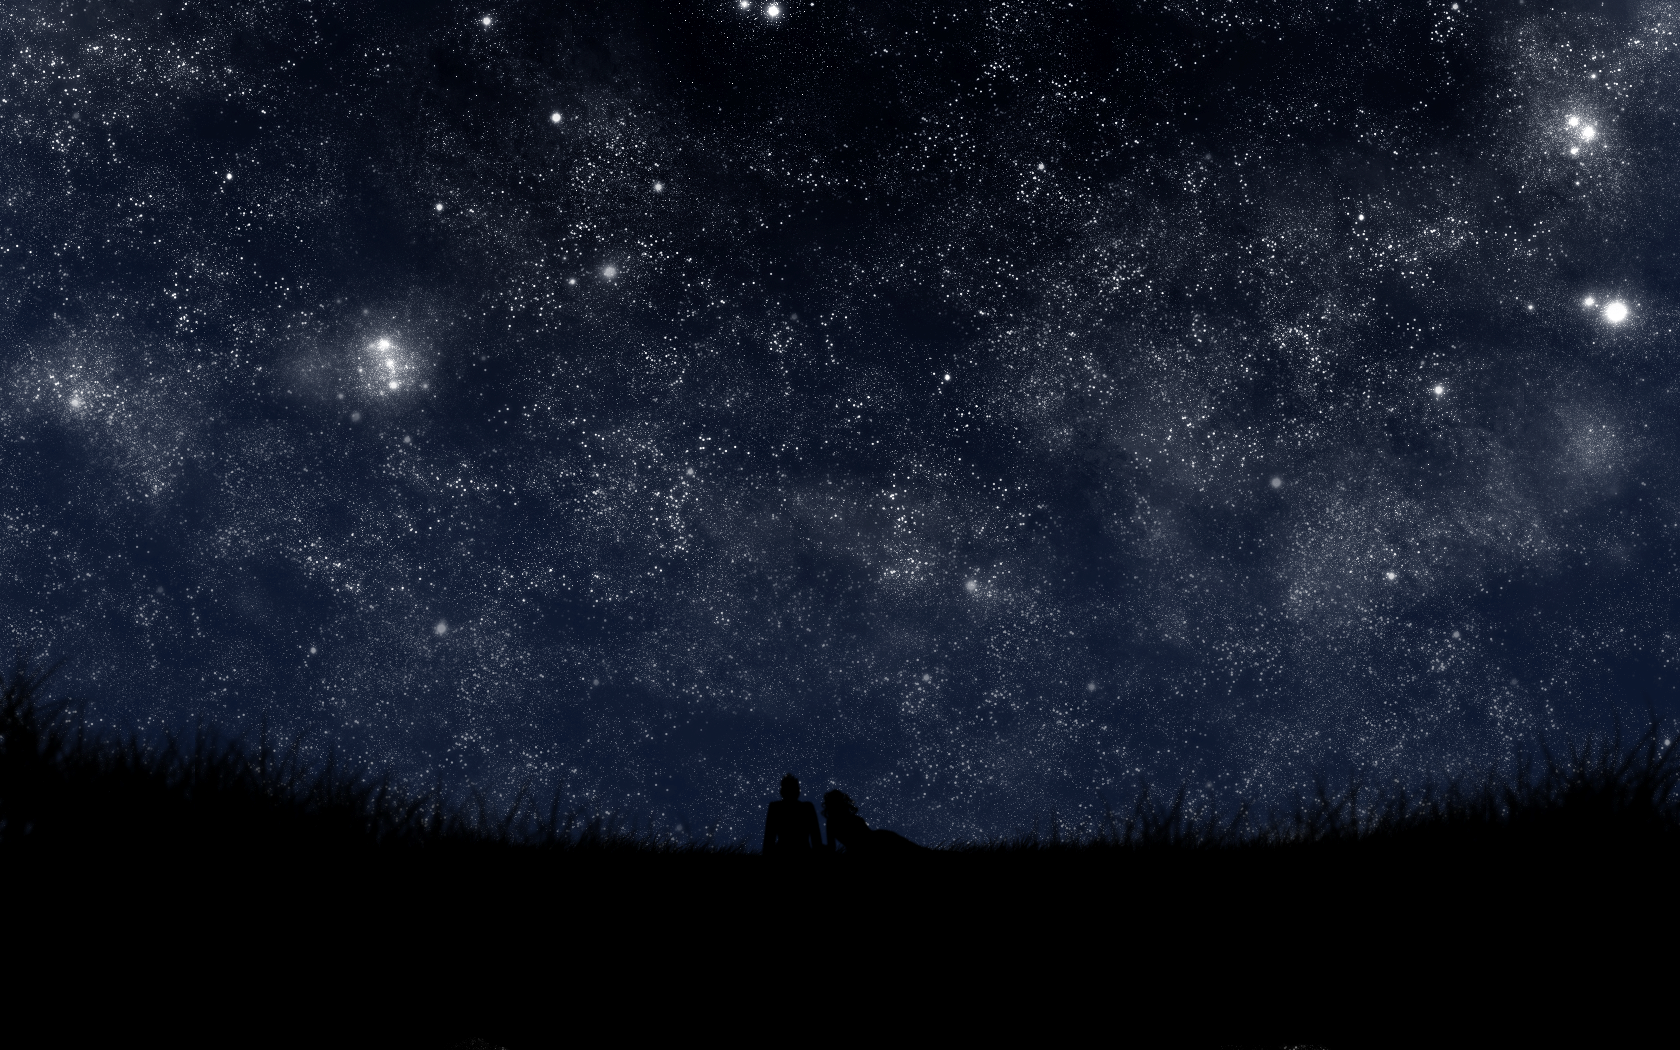 Открыток блюда, картинки темная ночь звездное небо